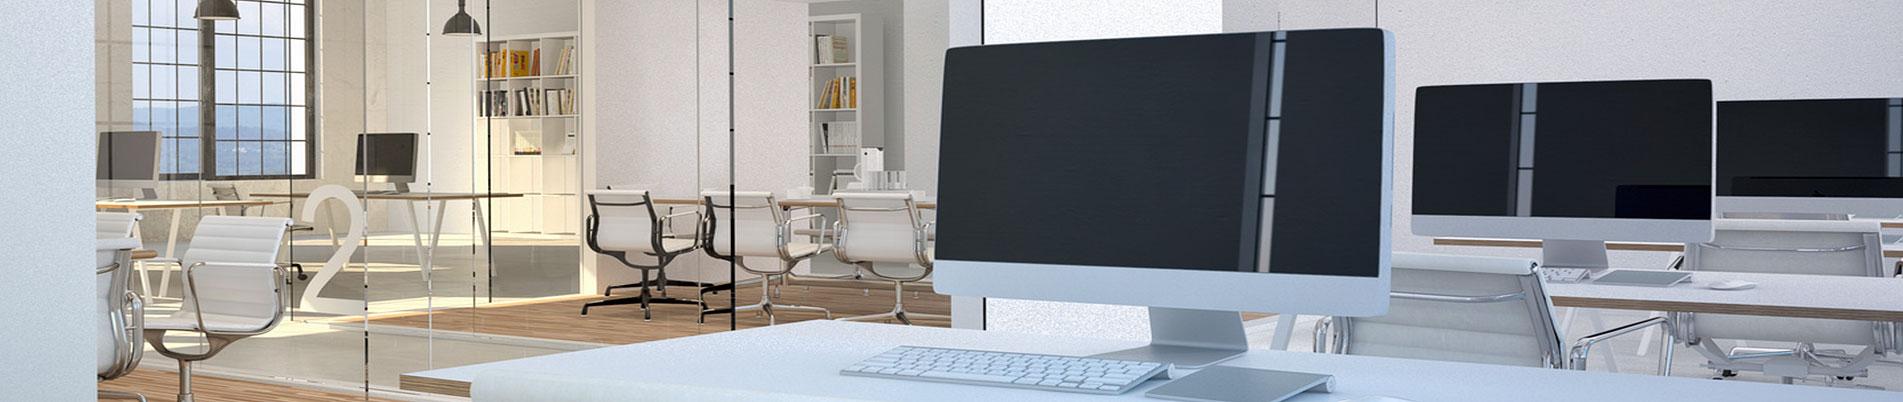 soluciones-informaticas-renting